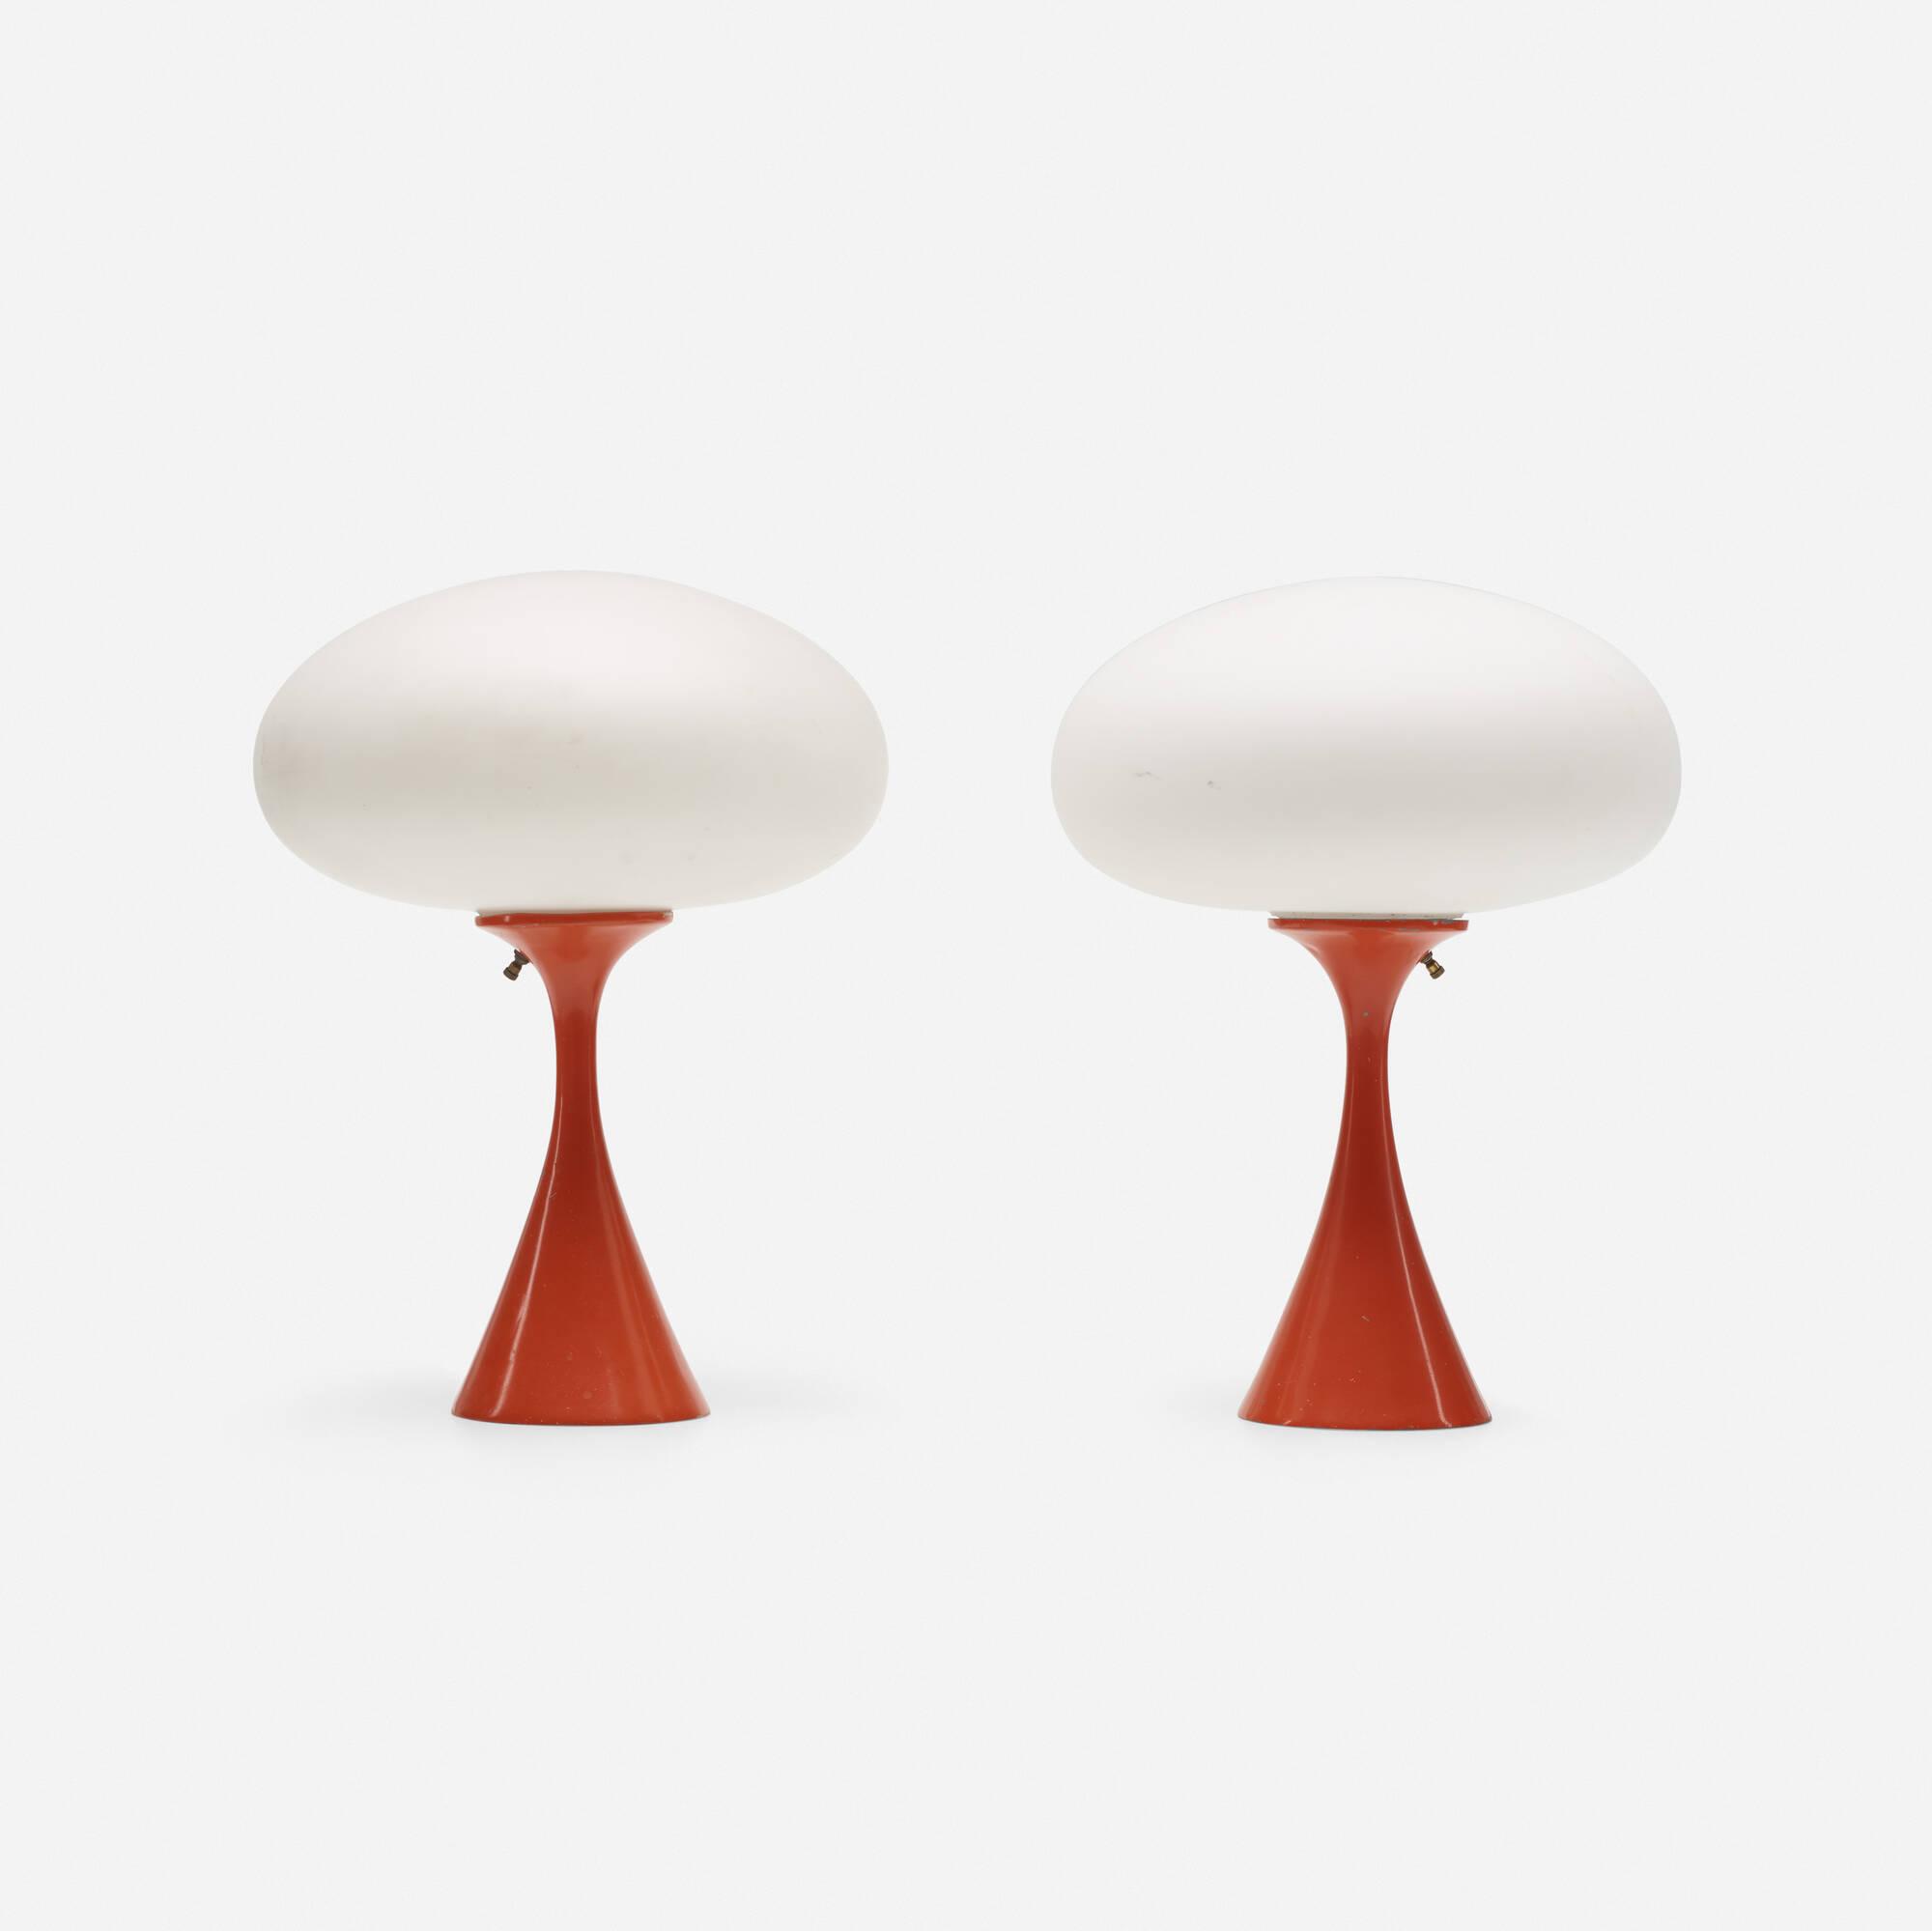 297: Laurel Lamp Co. / Mushroom table lamps, pair (1 of 2)